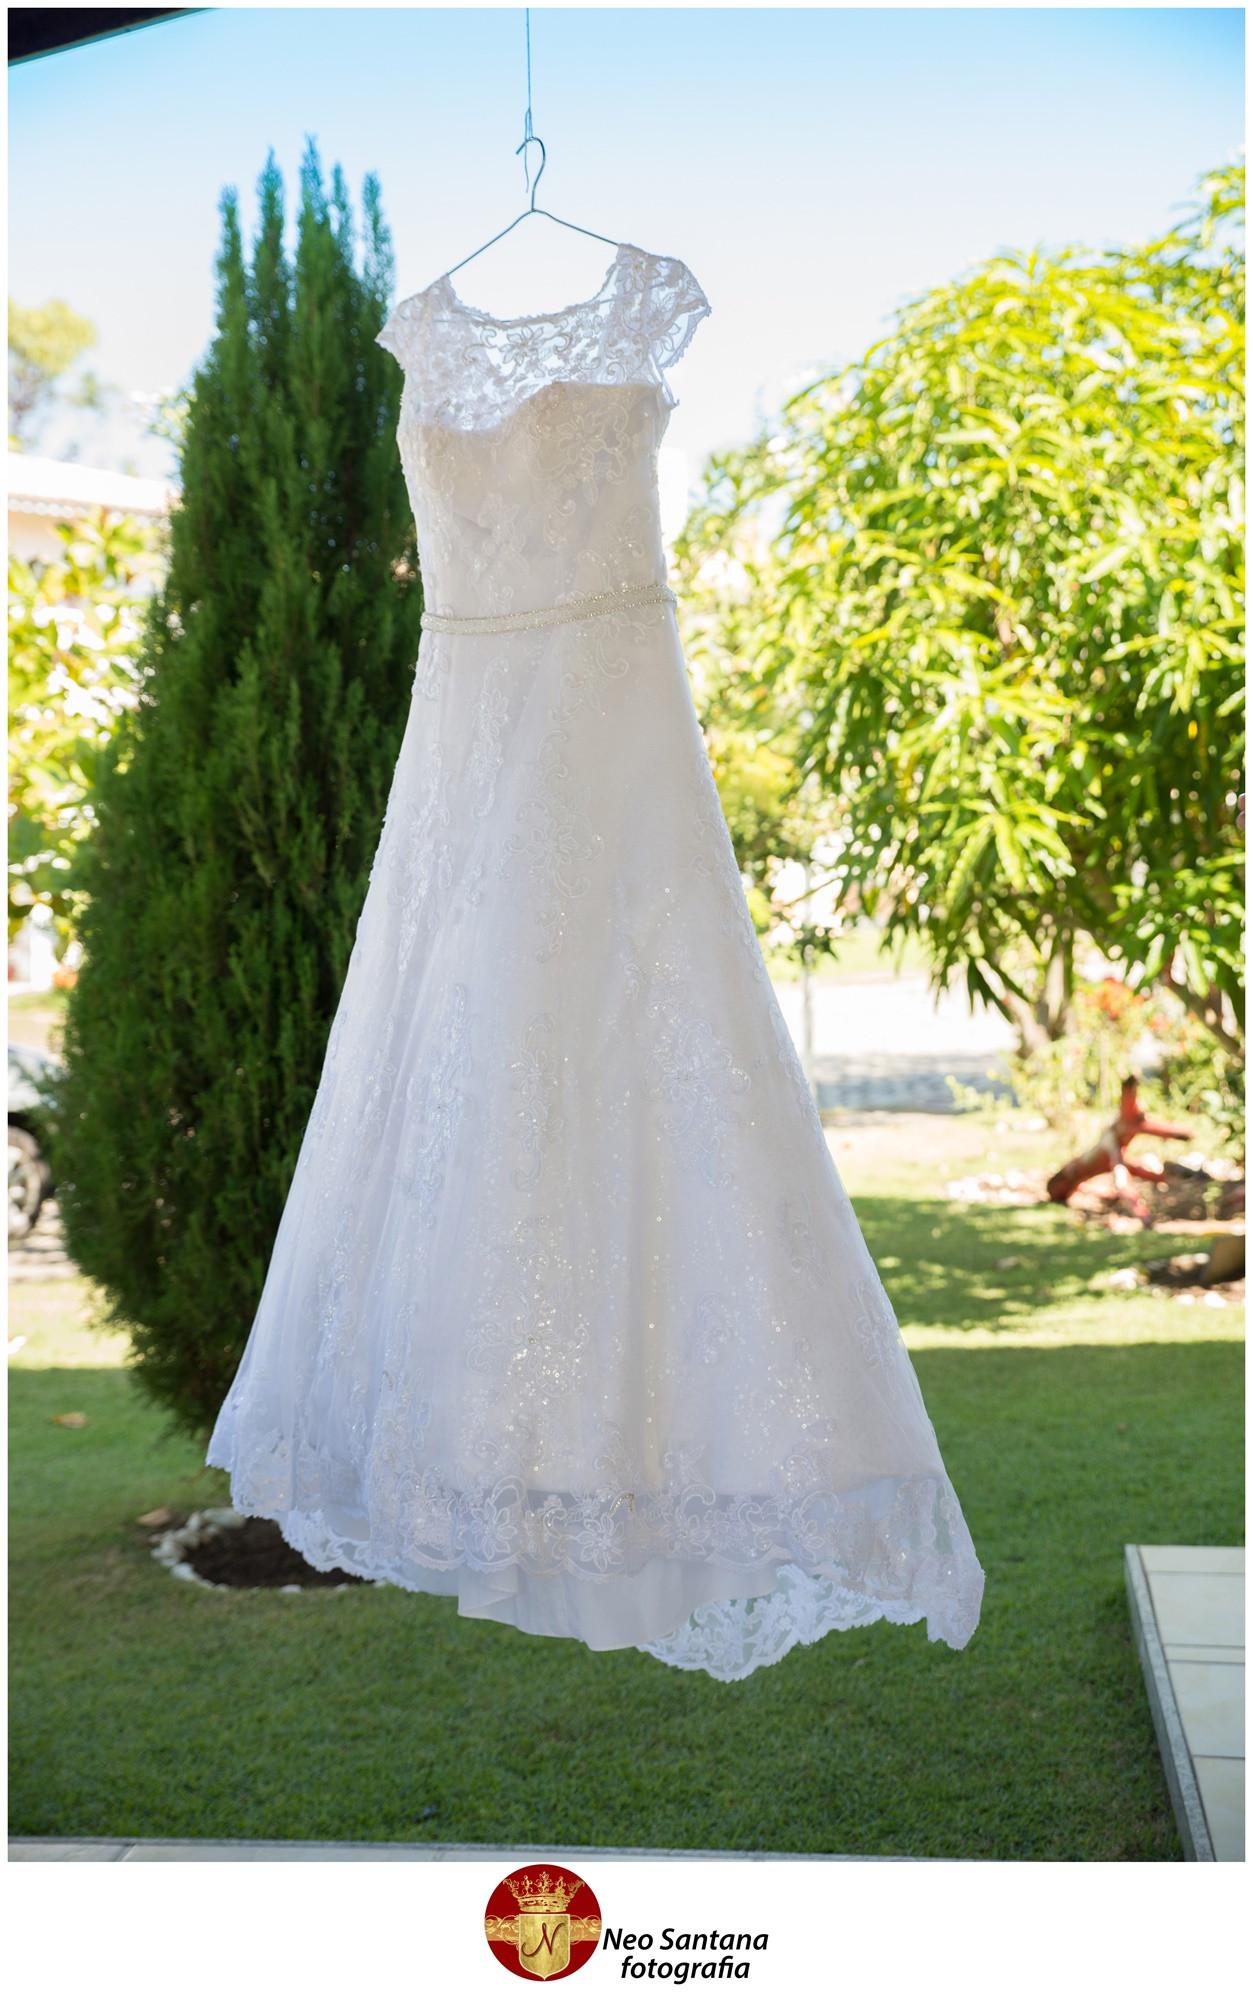 Fotos do Casamento Luisa e Rafael